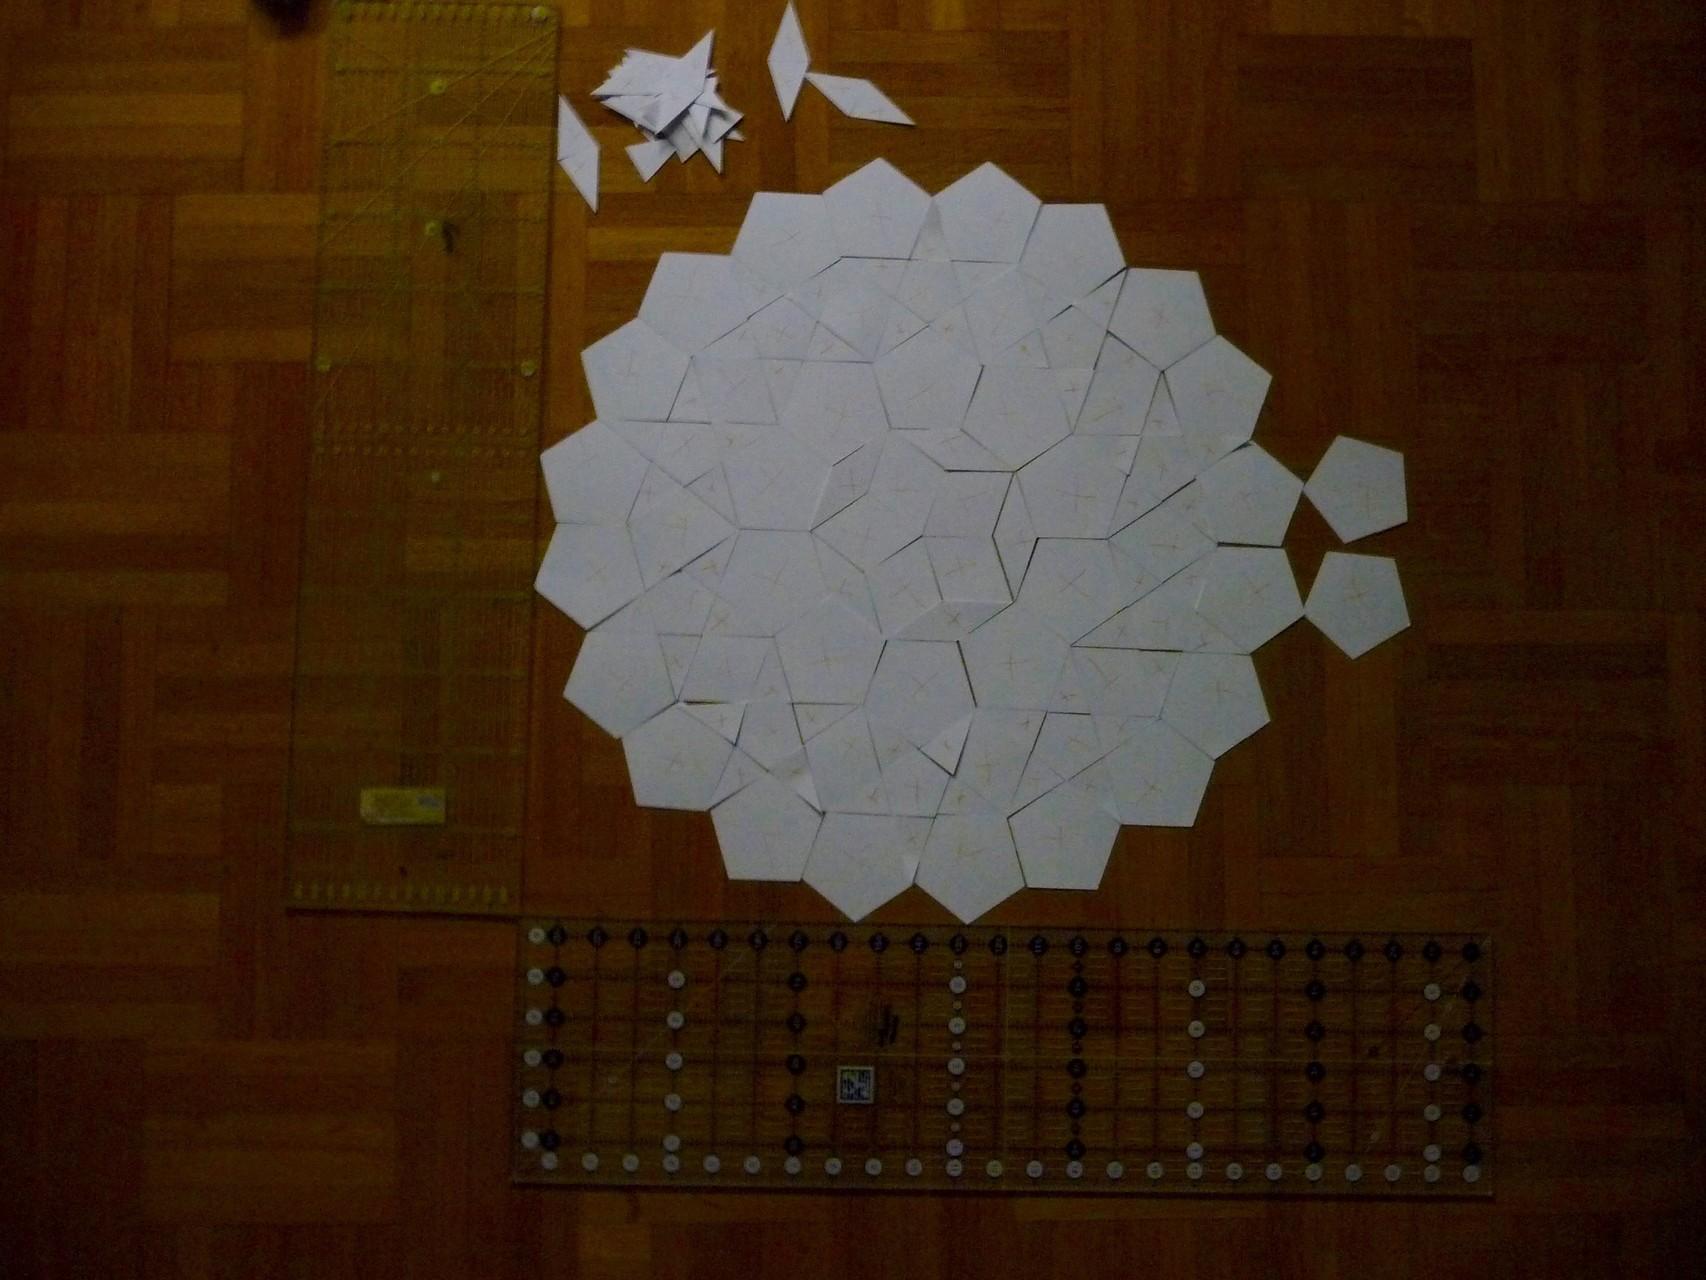 Die Größe mag ich! Die Dreiecke sind nicht zu winzig, und das Pentagon geht gerade so noch.